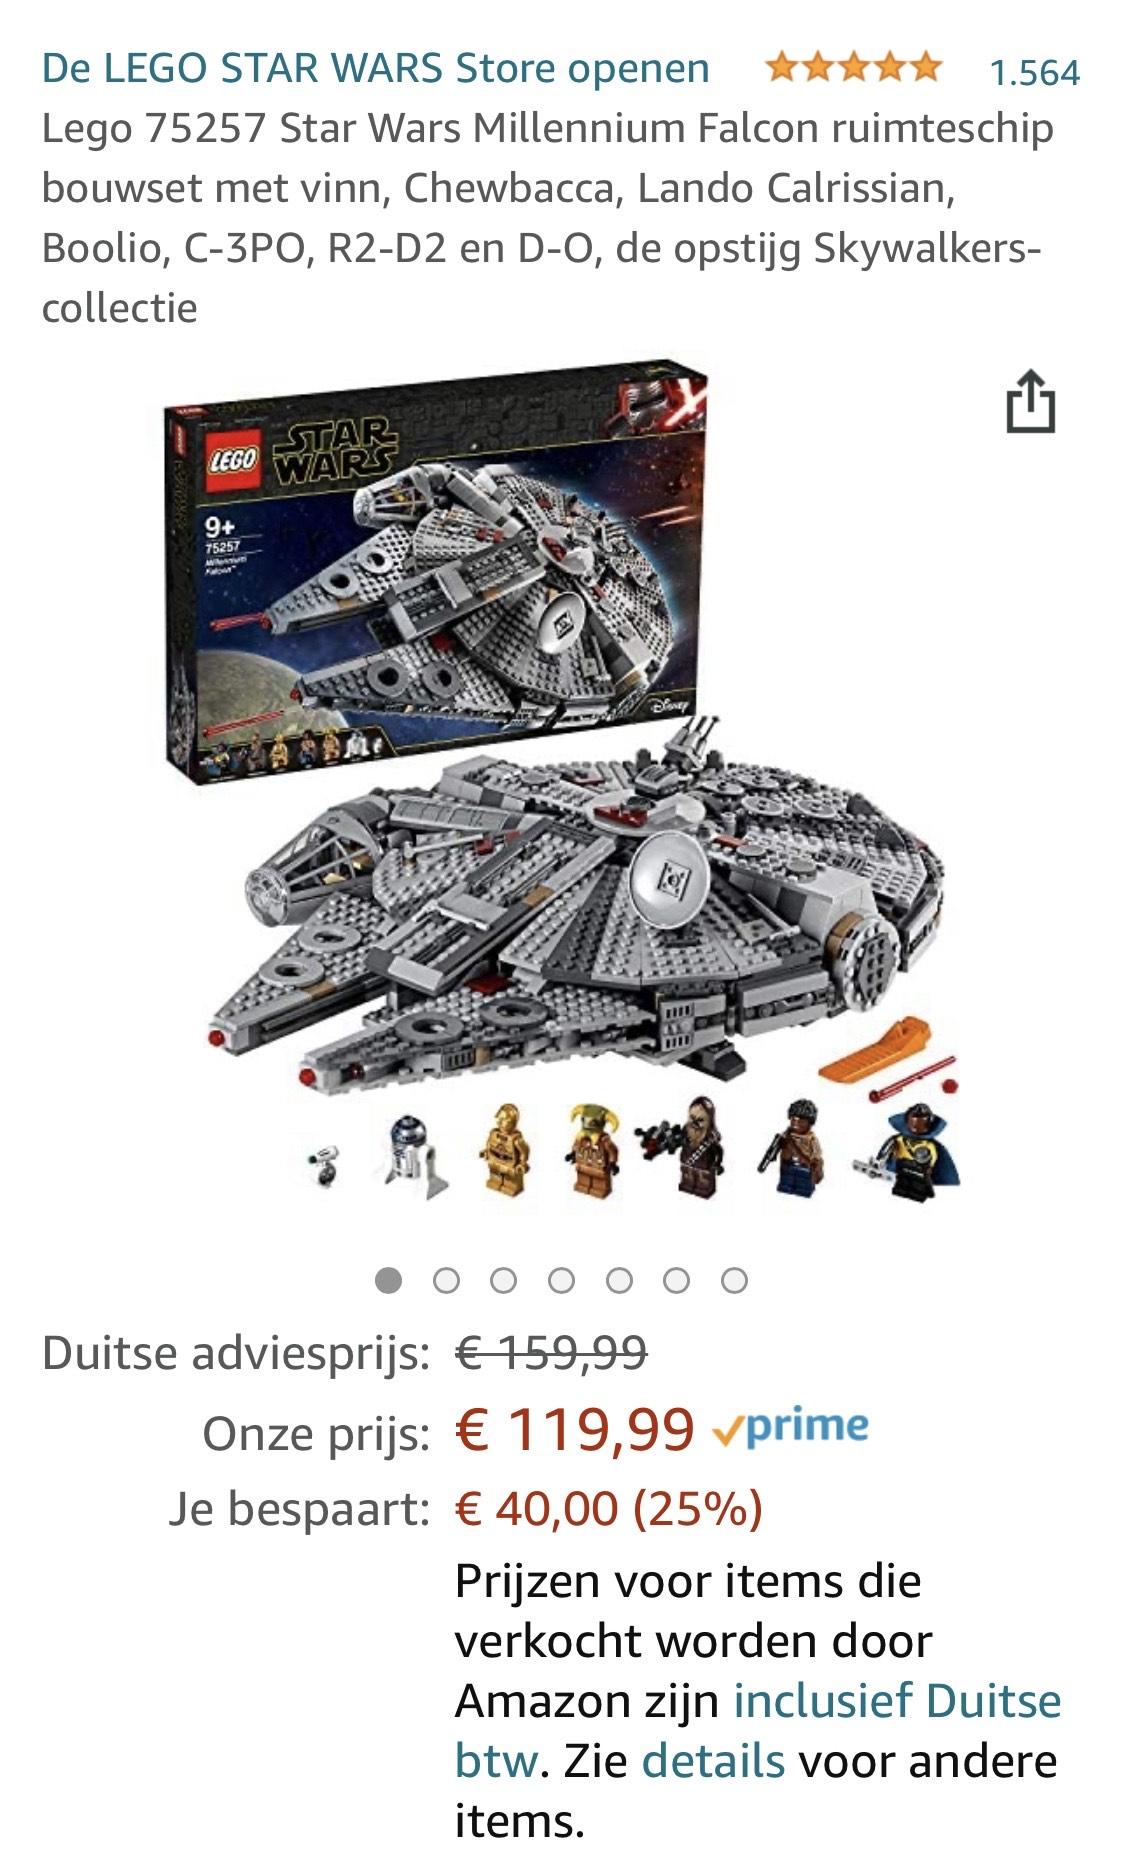 Lego 75257 Star Wars Millennium Falcon ruimteschip (icm Prime -> gratis verzending, anders € 3,49)